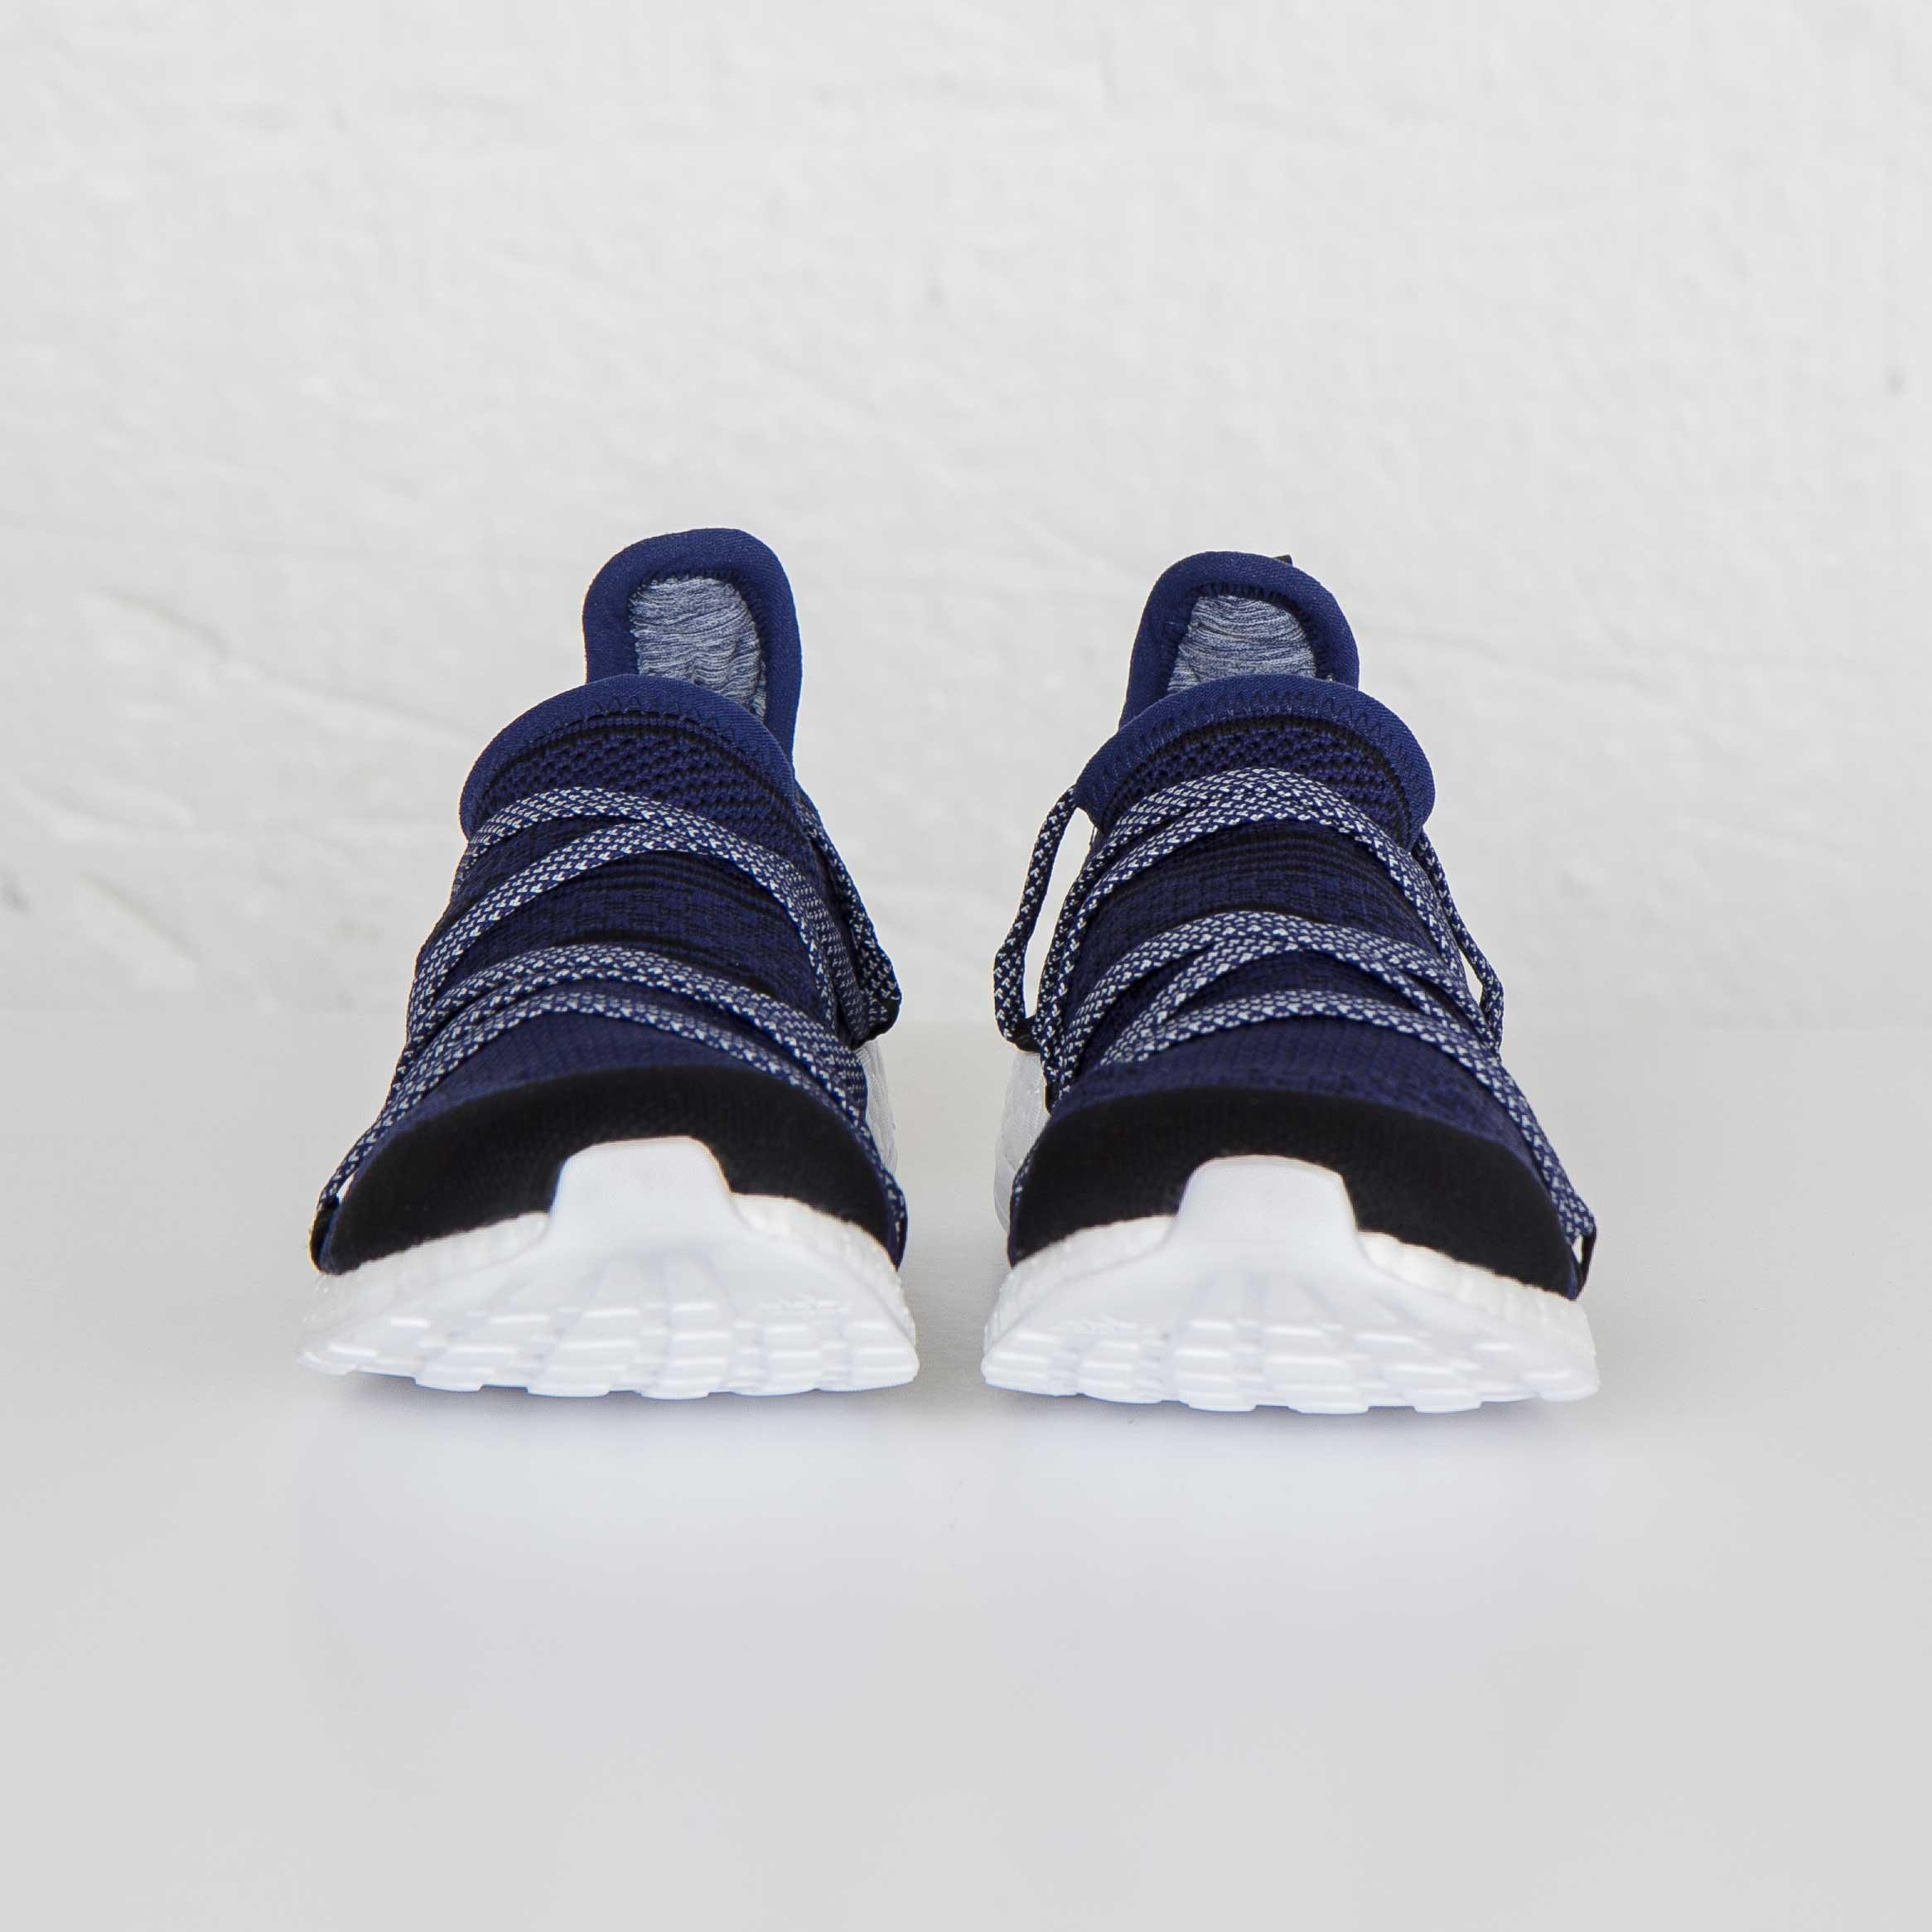 983068f3649fd adidas Pureboost X - Af6432 - Sneakersnstuff